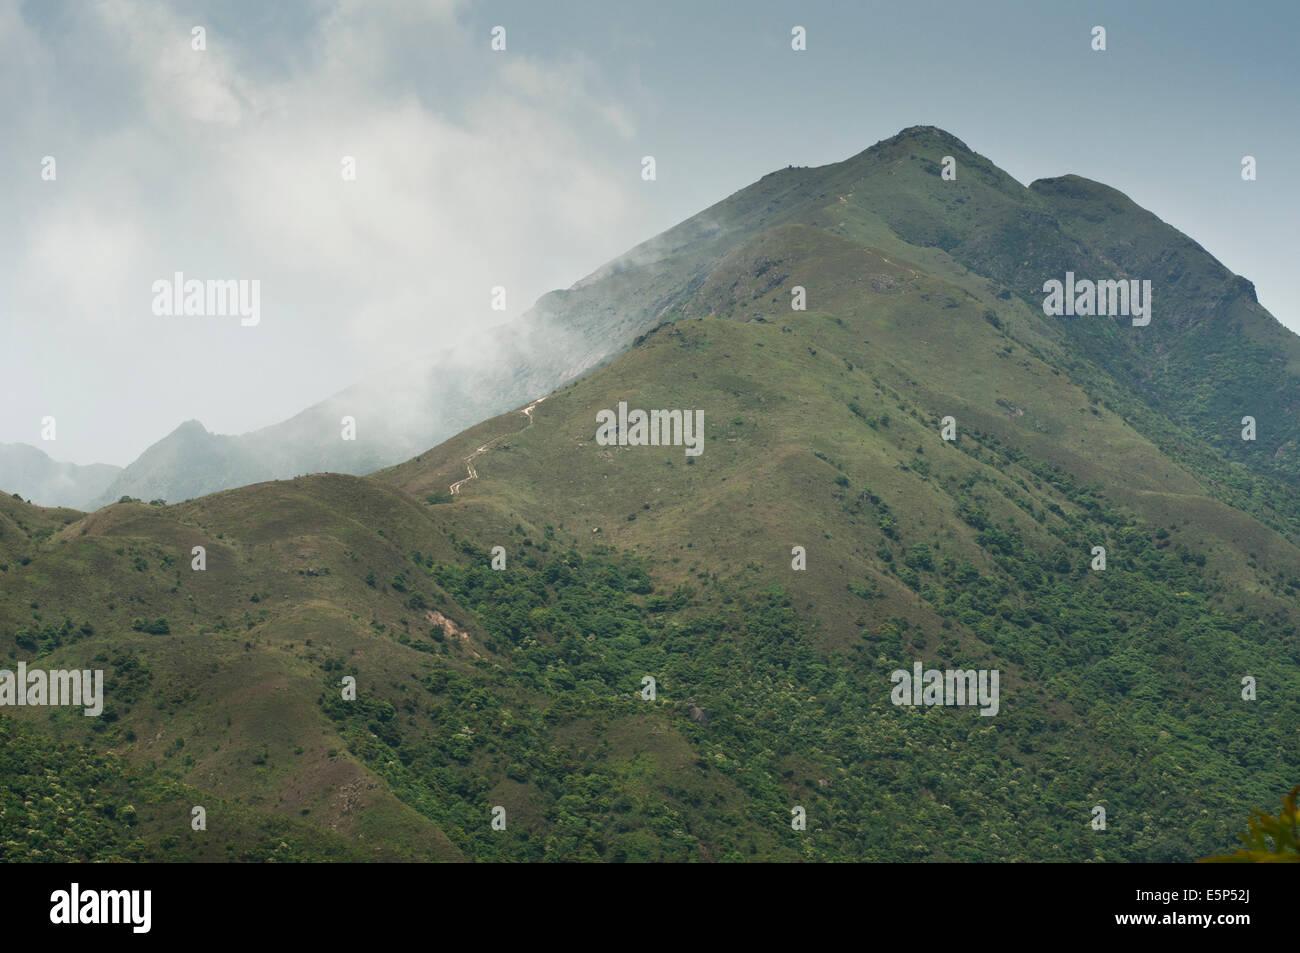 Lantau Peak (Fung Wong Shanon) Lantau Island Hong Kong China - Stock Image